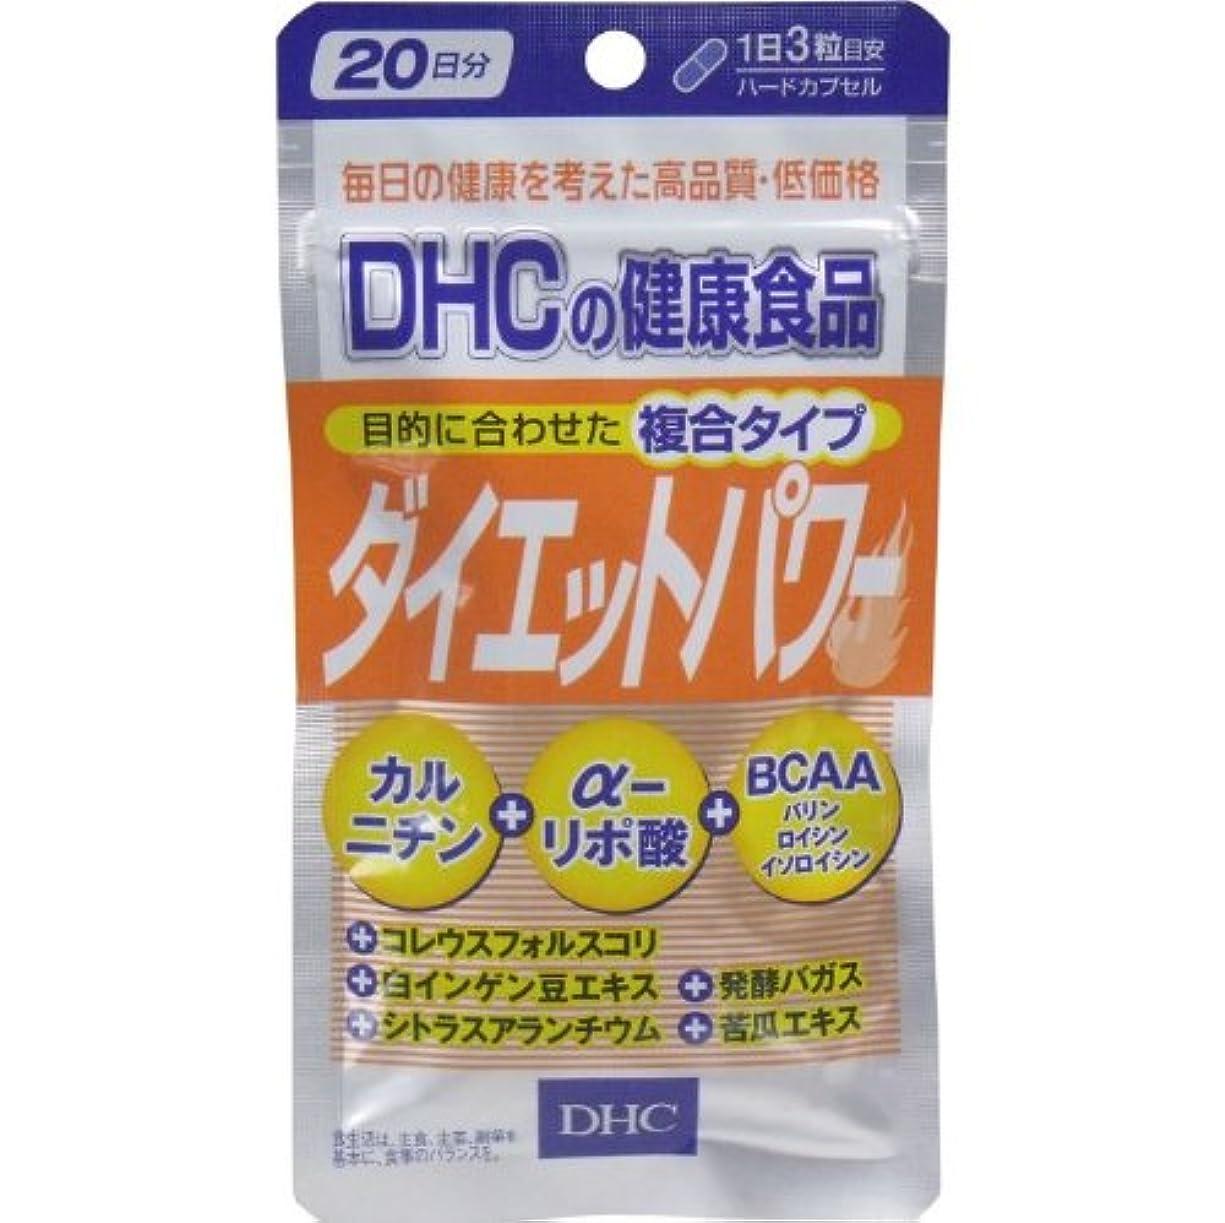 蒸留大声でコンドームDHC ダイエットパワー 60粒入 20日分「3点セット」